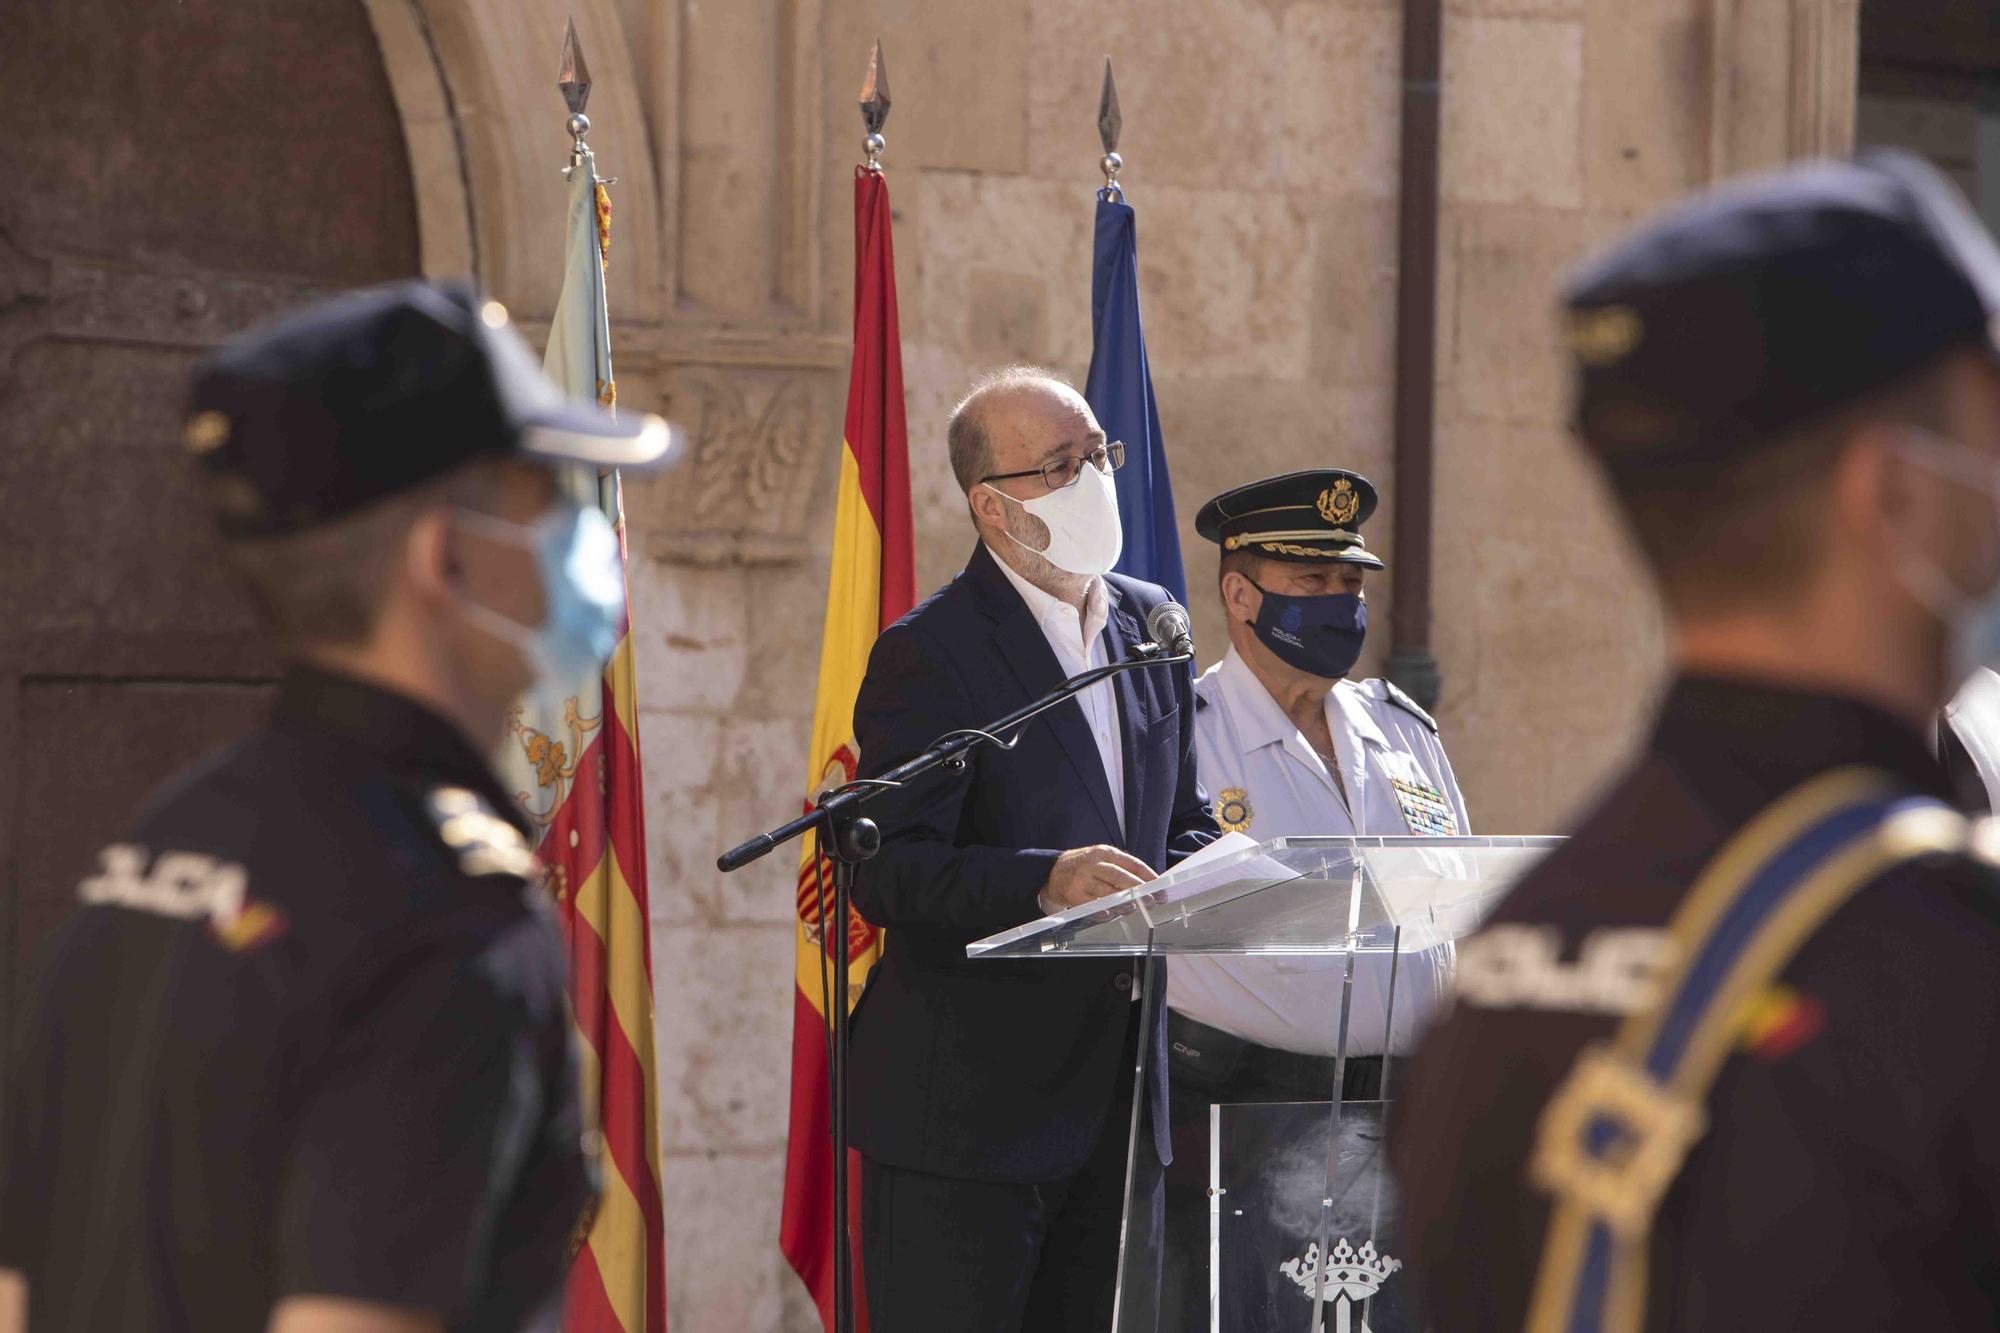 Entrega del bastón de mando al inspector jefe de la Comisaría de la Policía Nacional de Alzira - Algemesí.